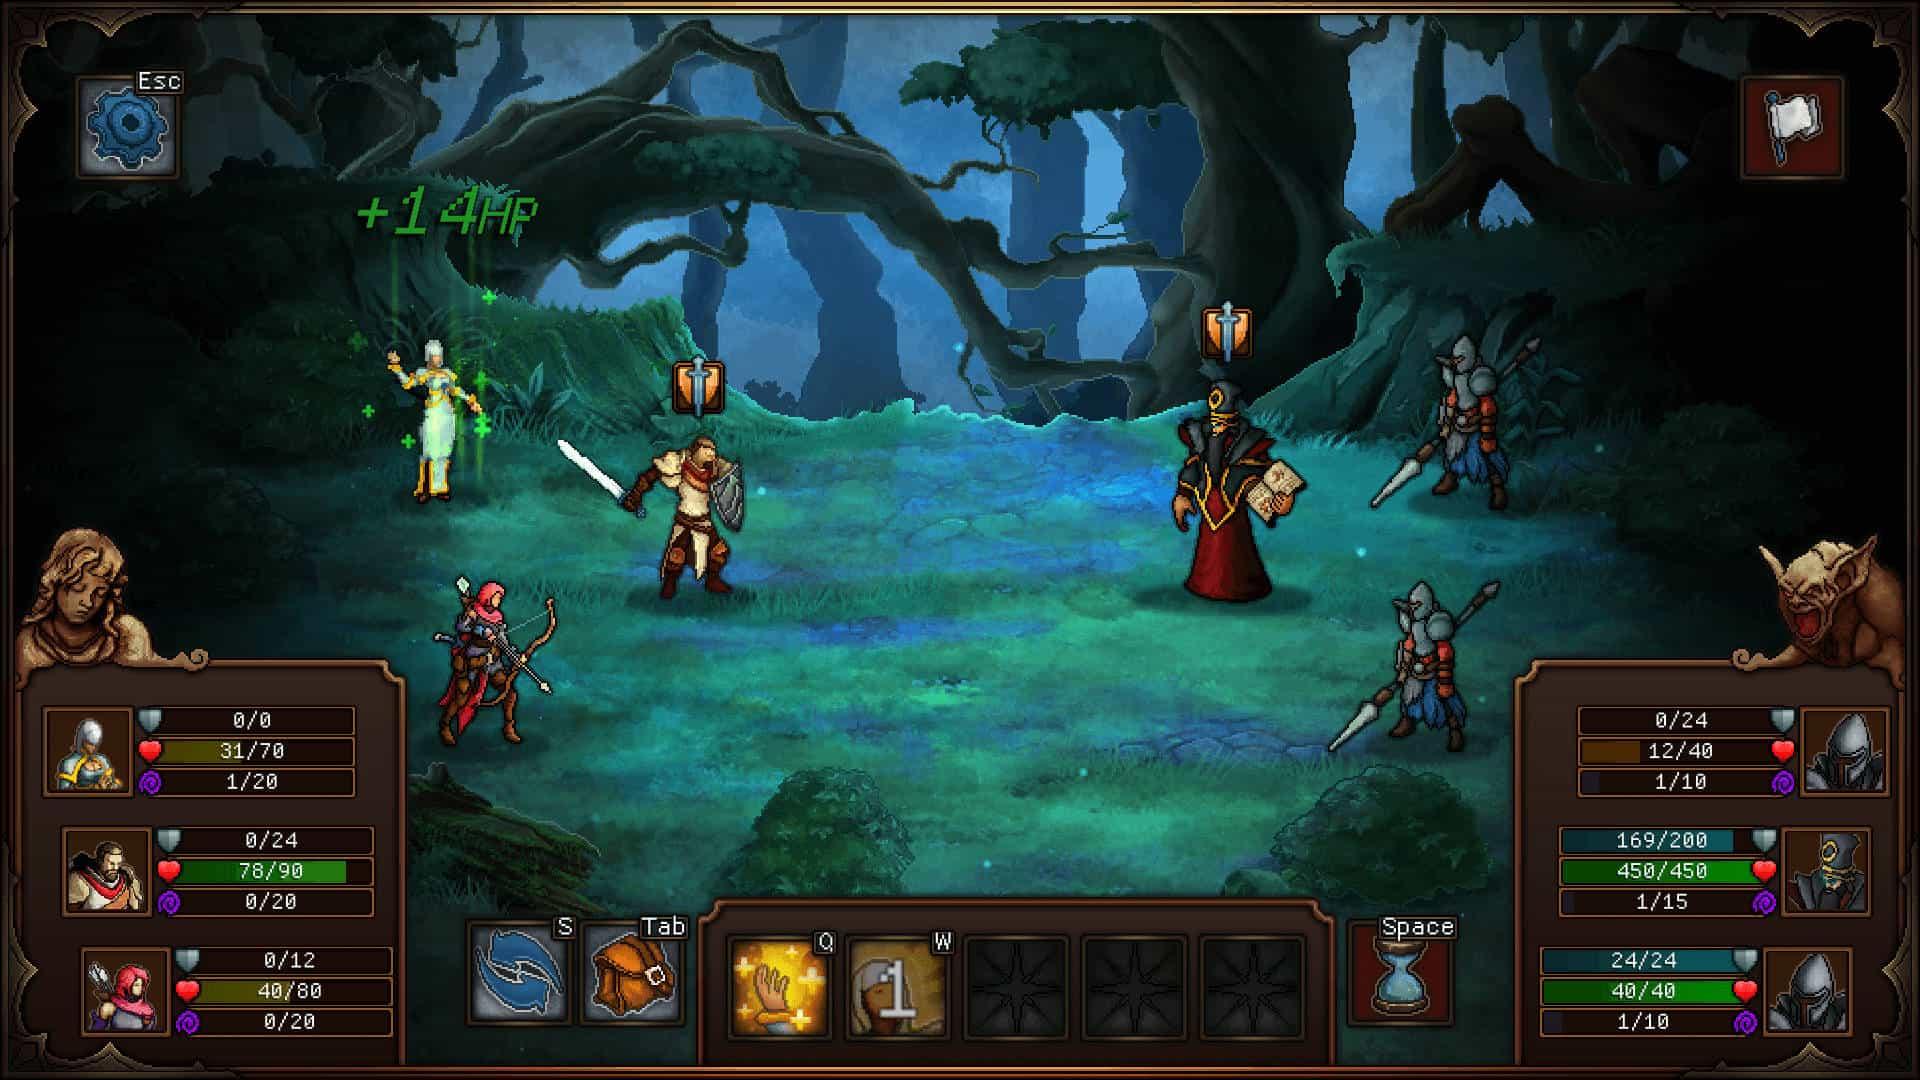 Fase di combattimento di Sin Slayers, con schieramento a tre eroi.